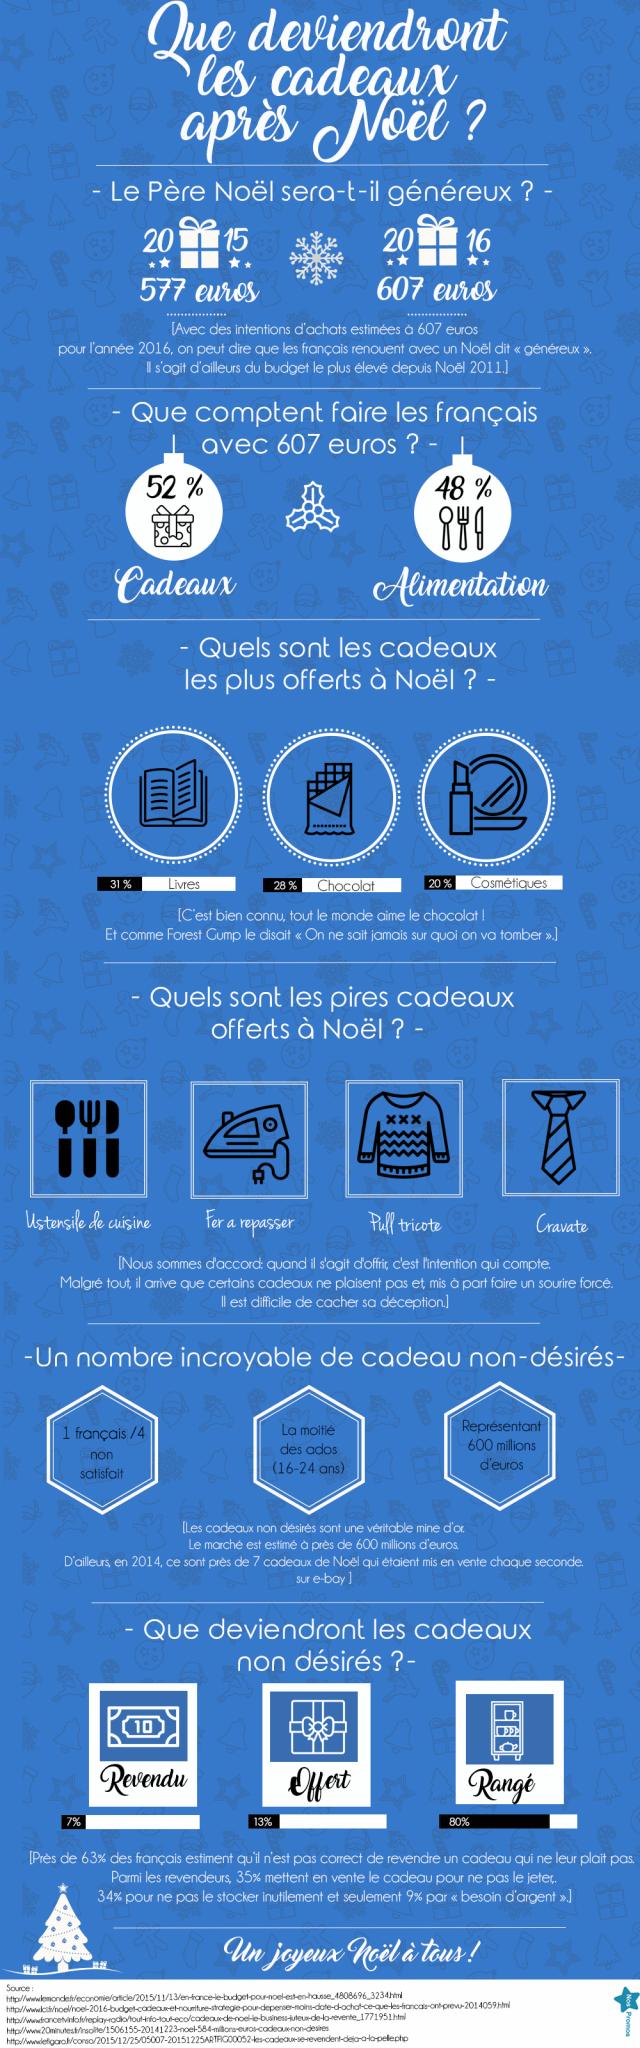 infographie cadeau de Noël